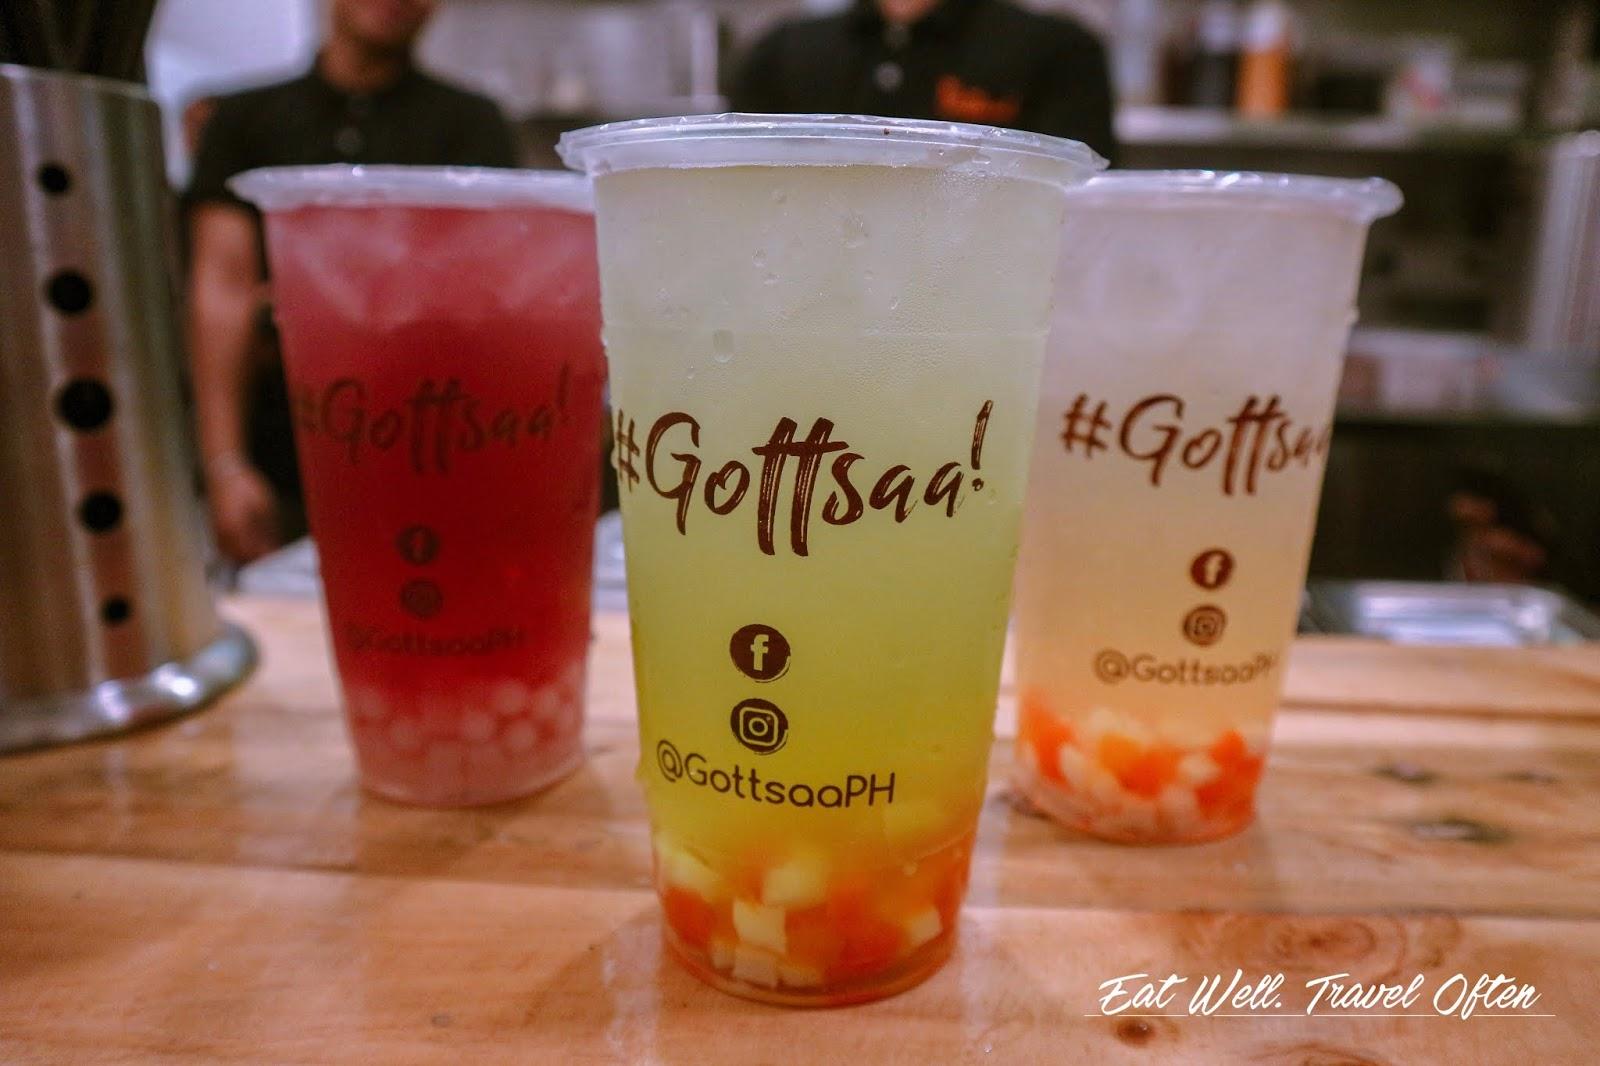 gotChow and gottsaa